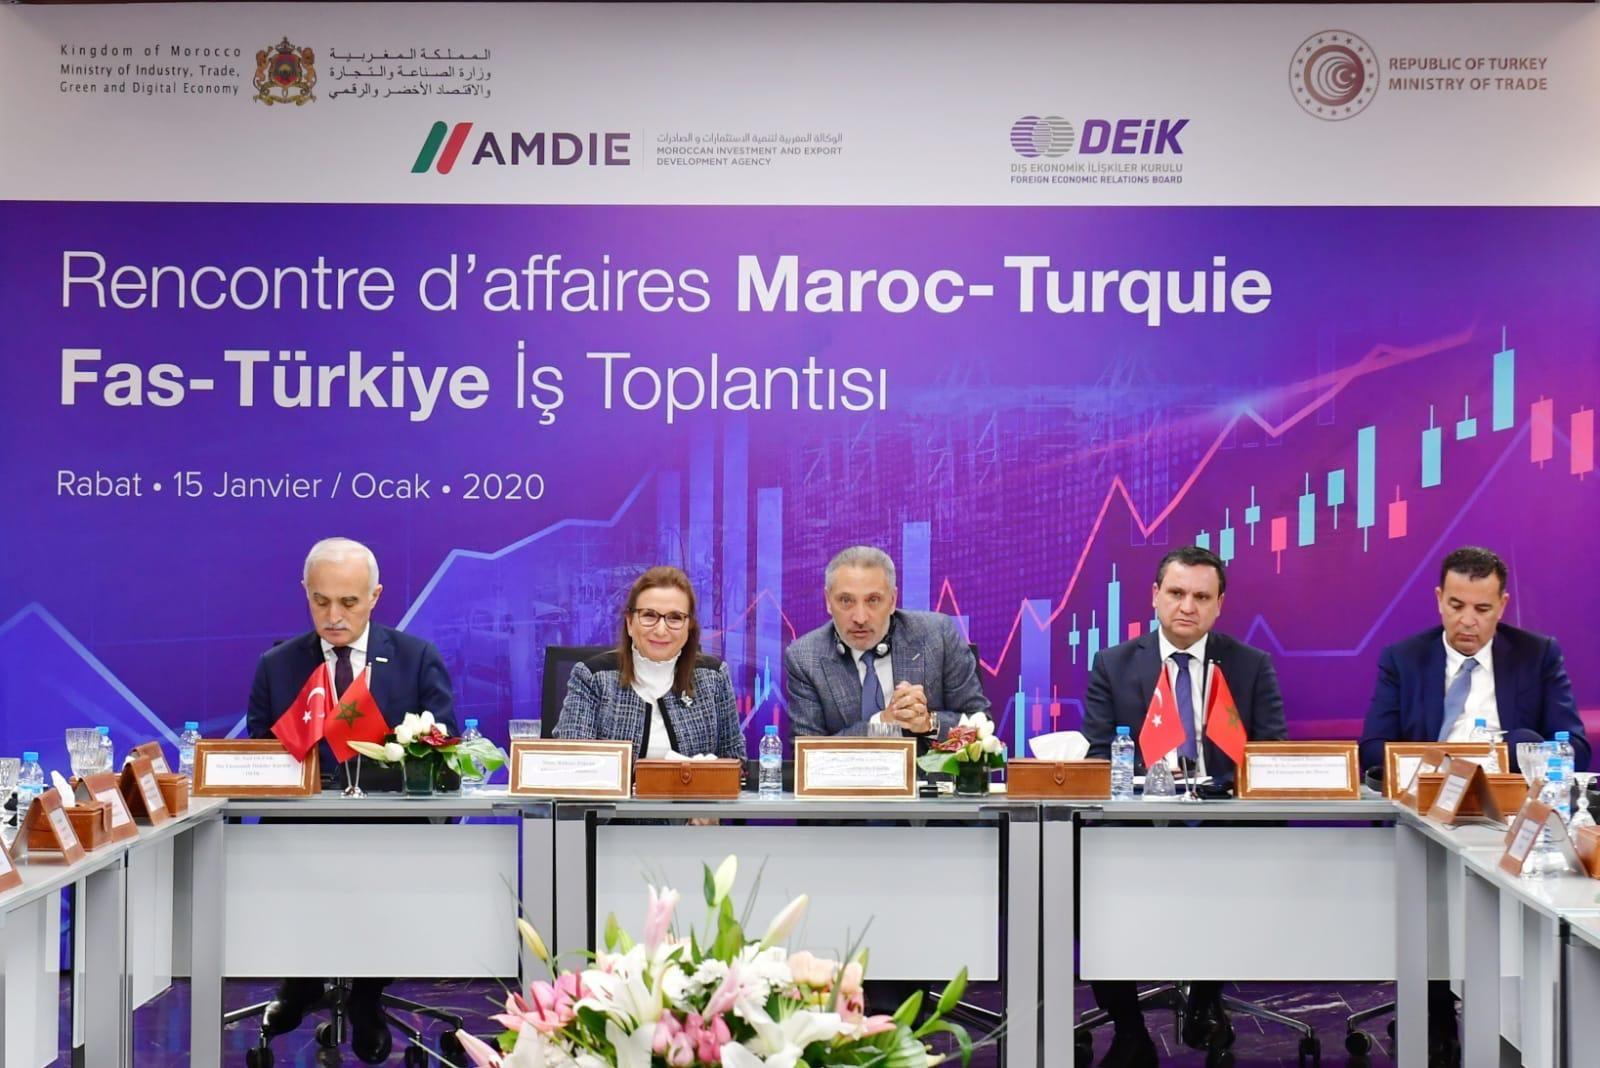 Le Maroc et la Turquie révisent leur accord de libre-échange